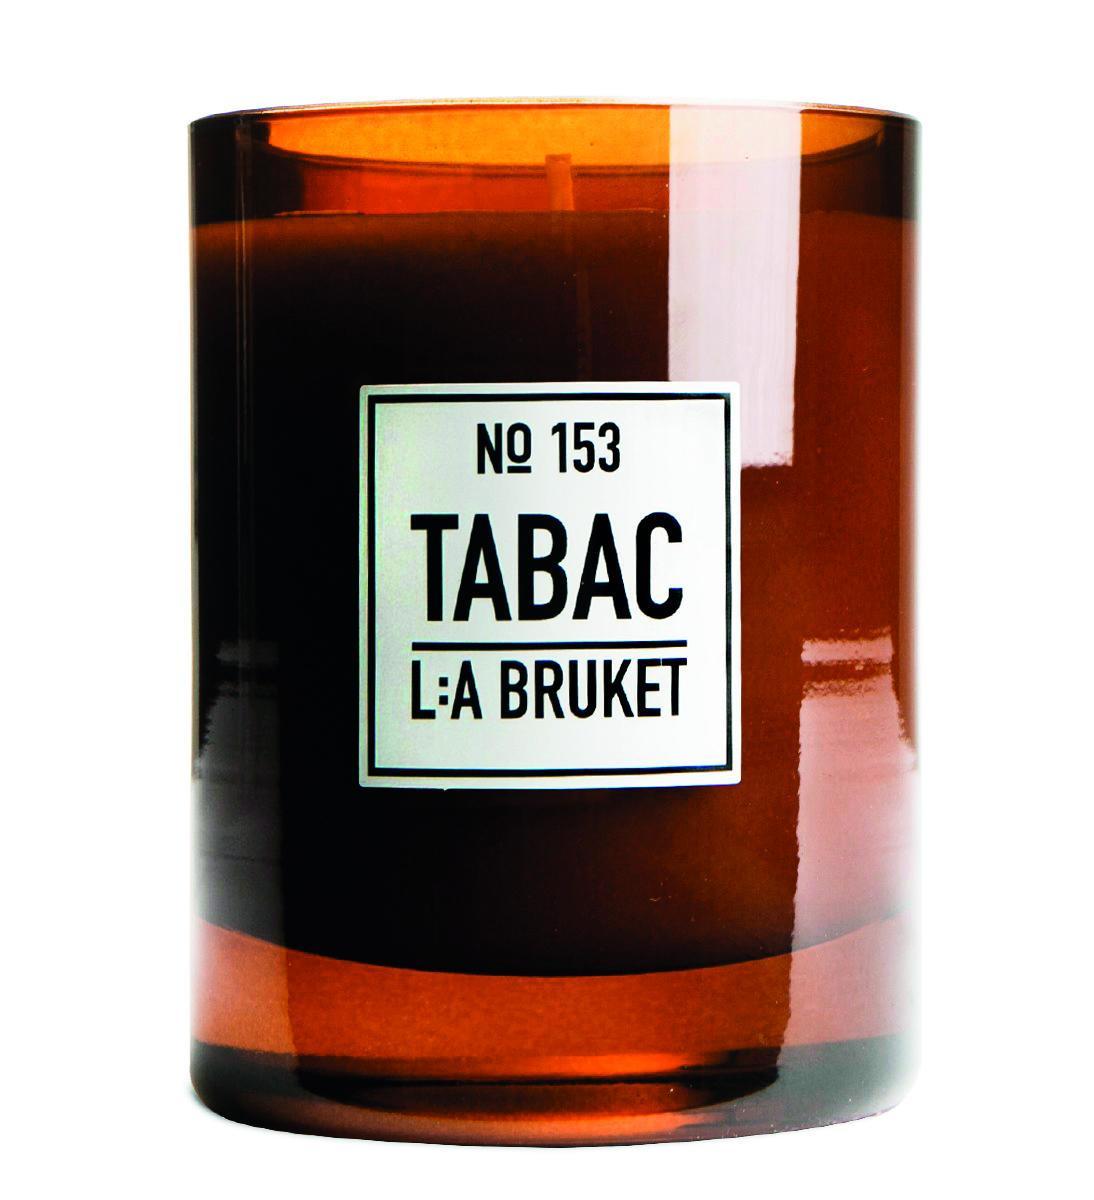 L:A BRUKET Vonná svíčka Tabac, hnědá barva, sklo